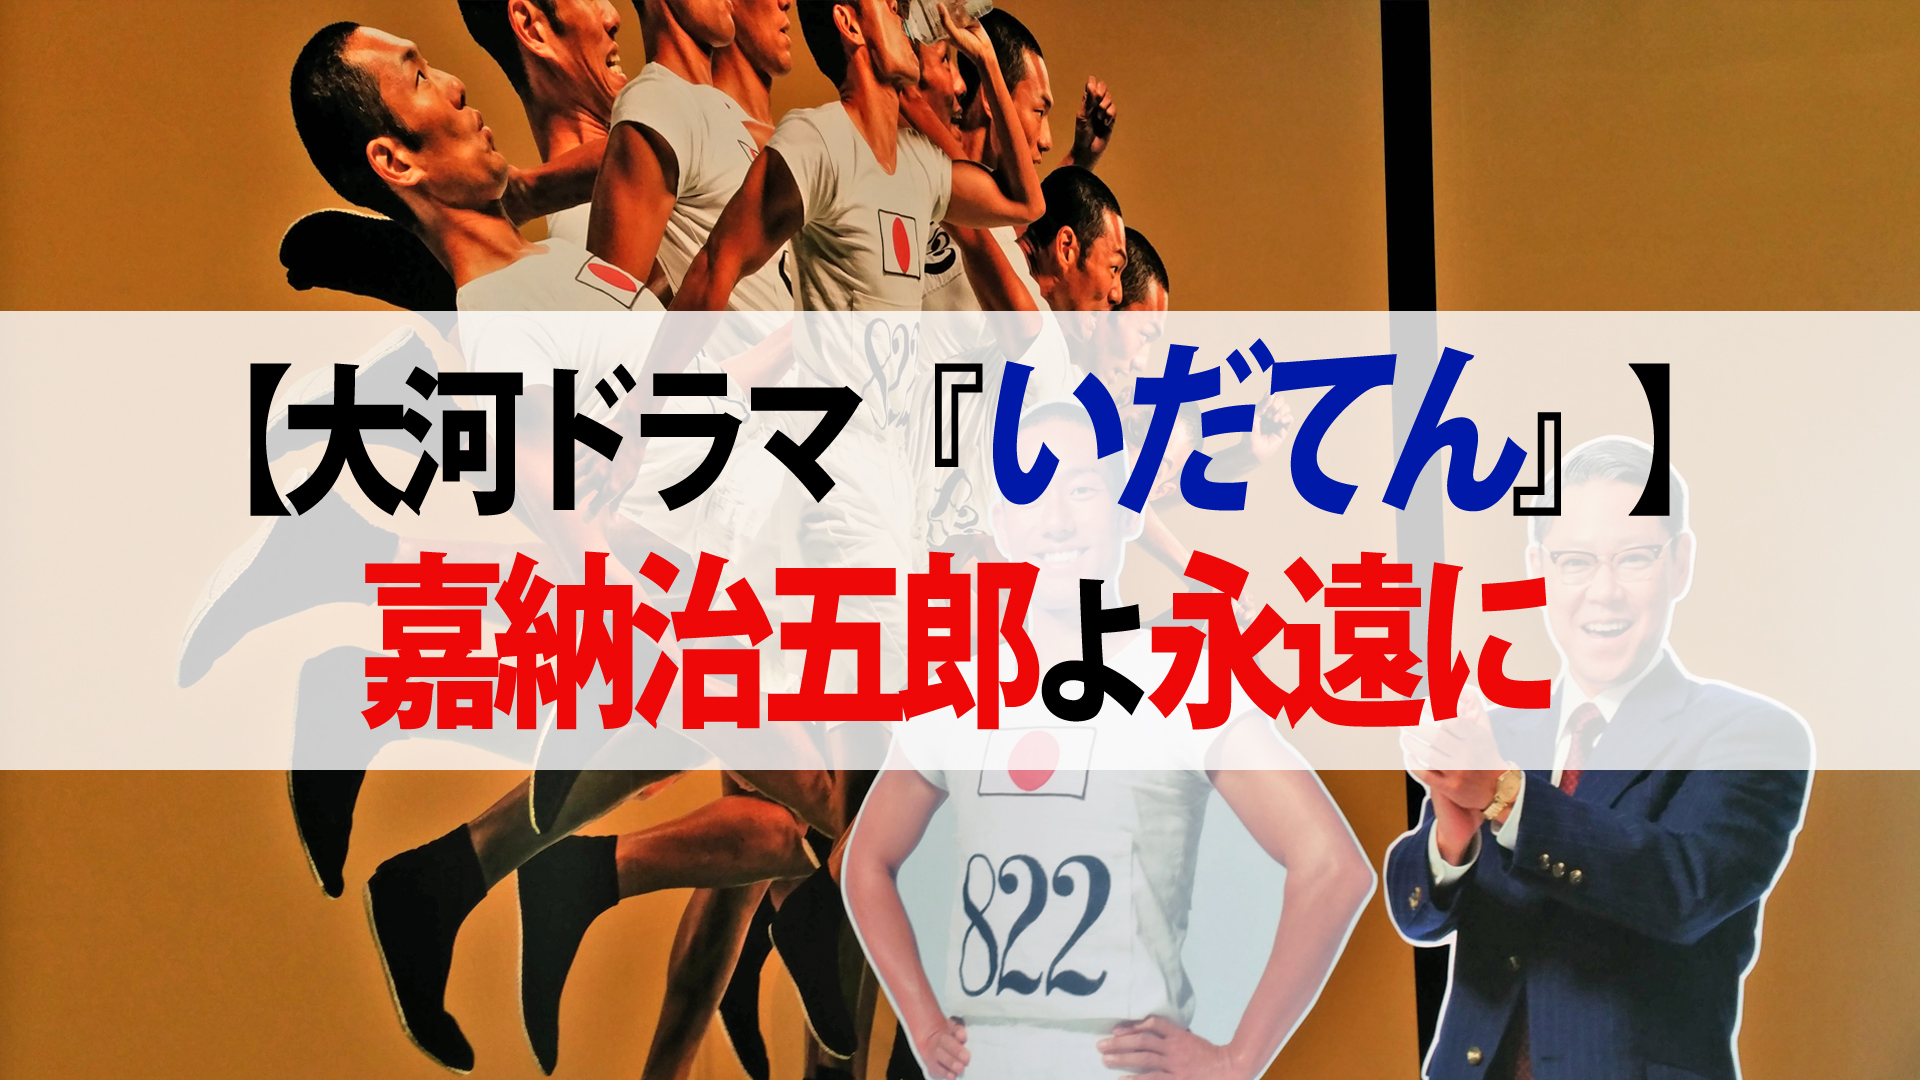 【いだてん『最後の晩餐』】『嘉納治五郎よ永遠に』『師弟の絆』『誇れる国へ』第37回への反響まとめ